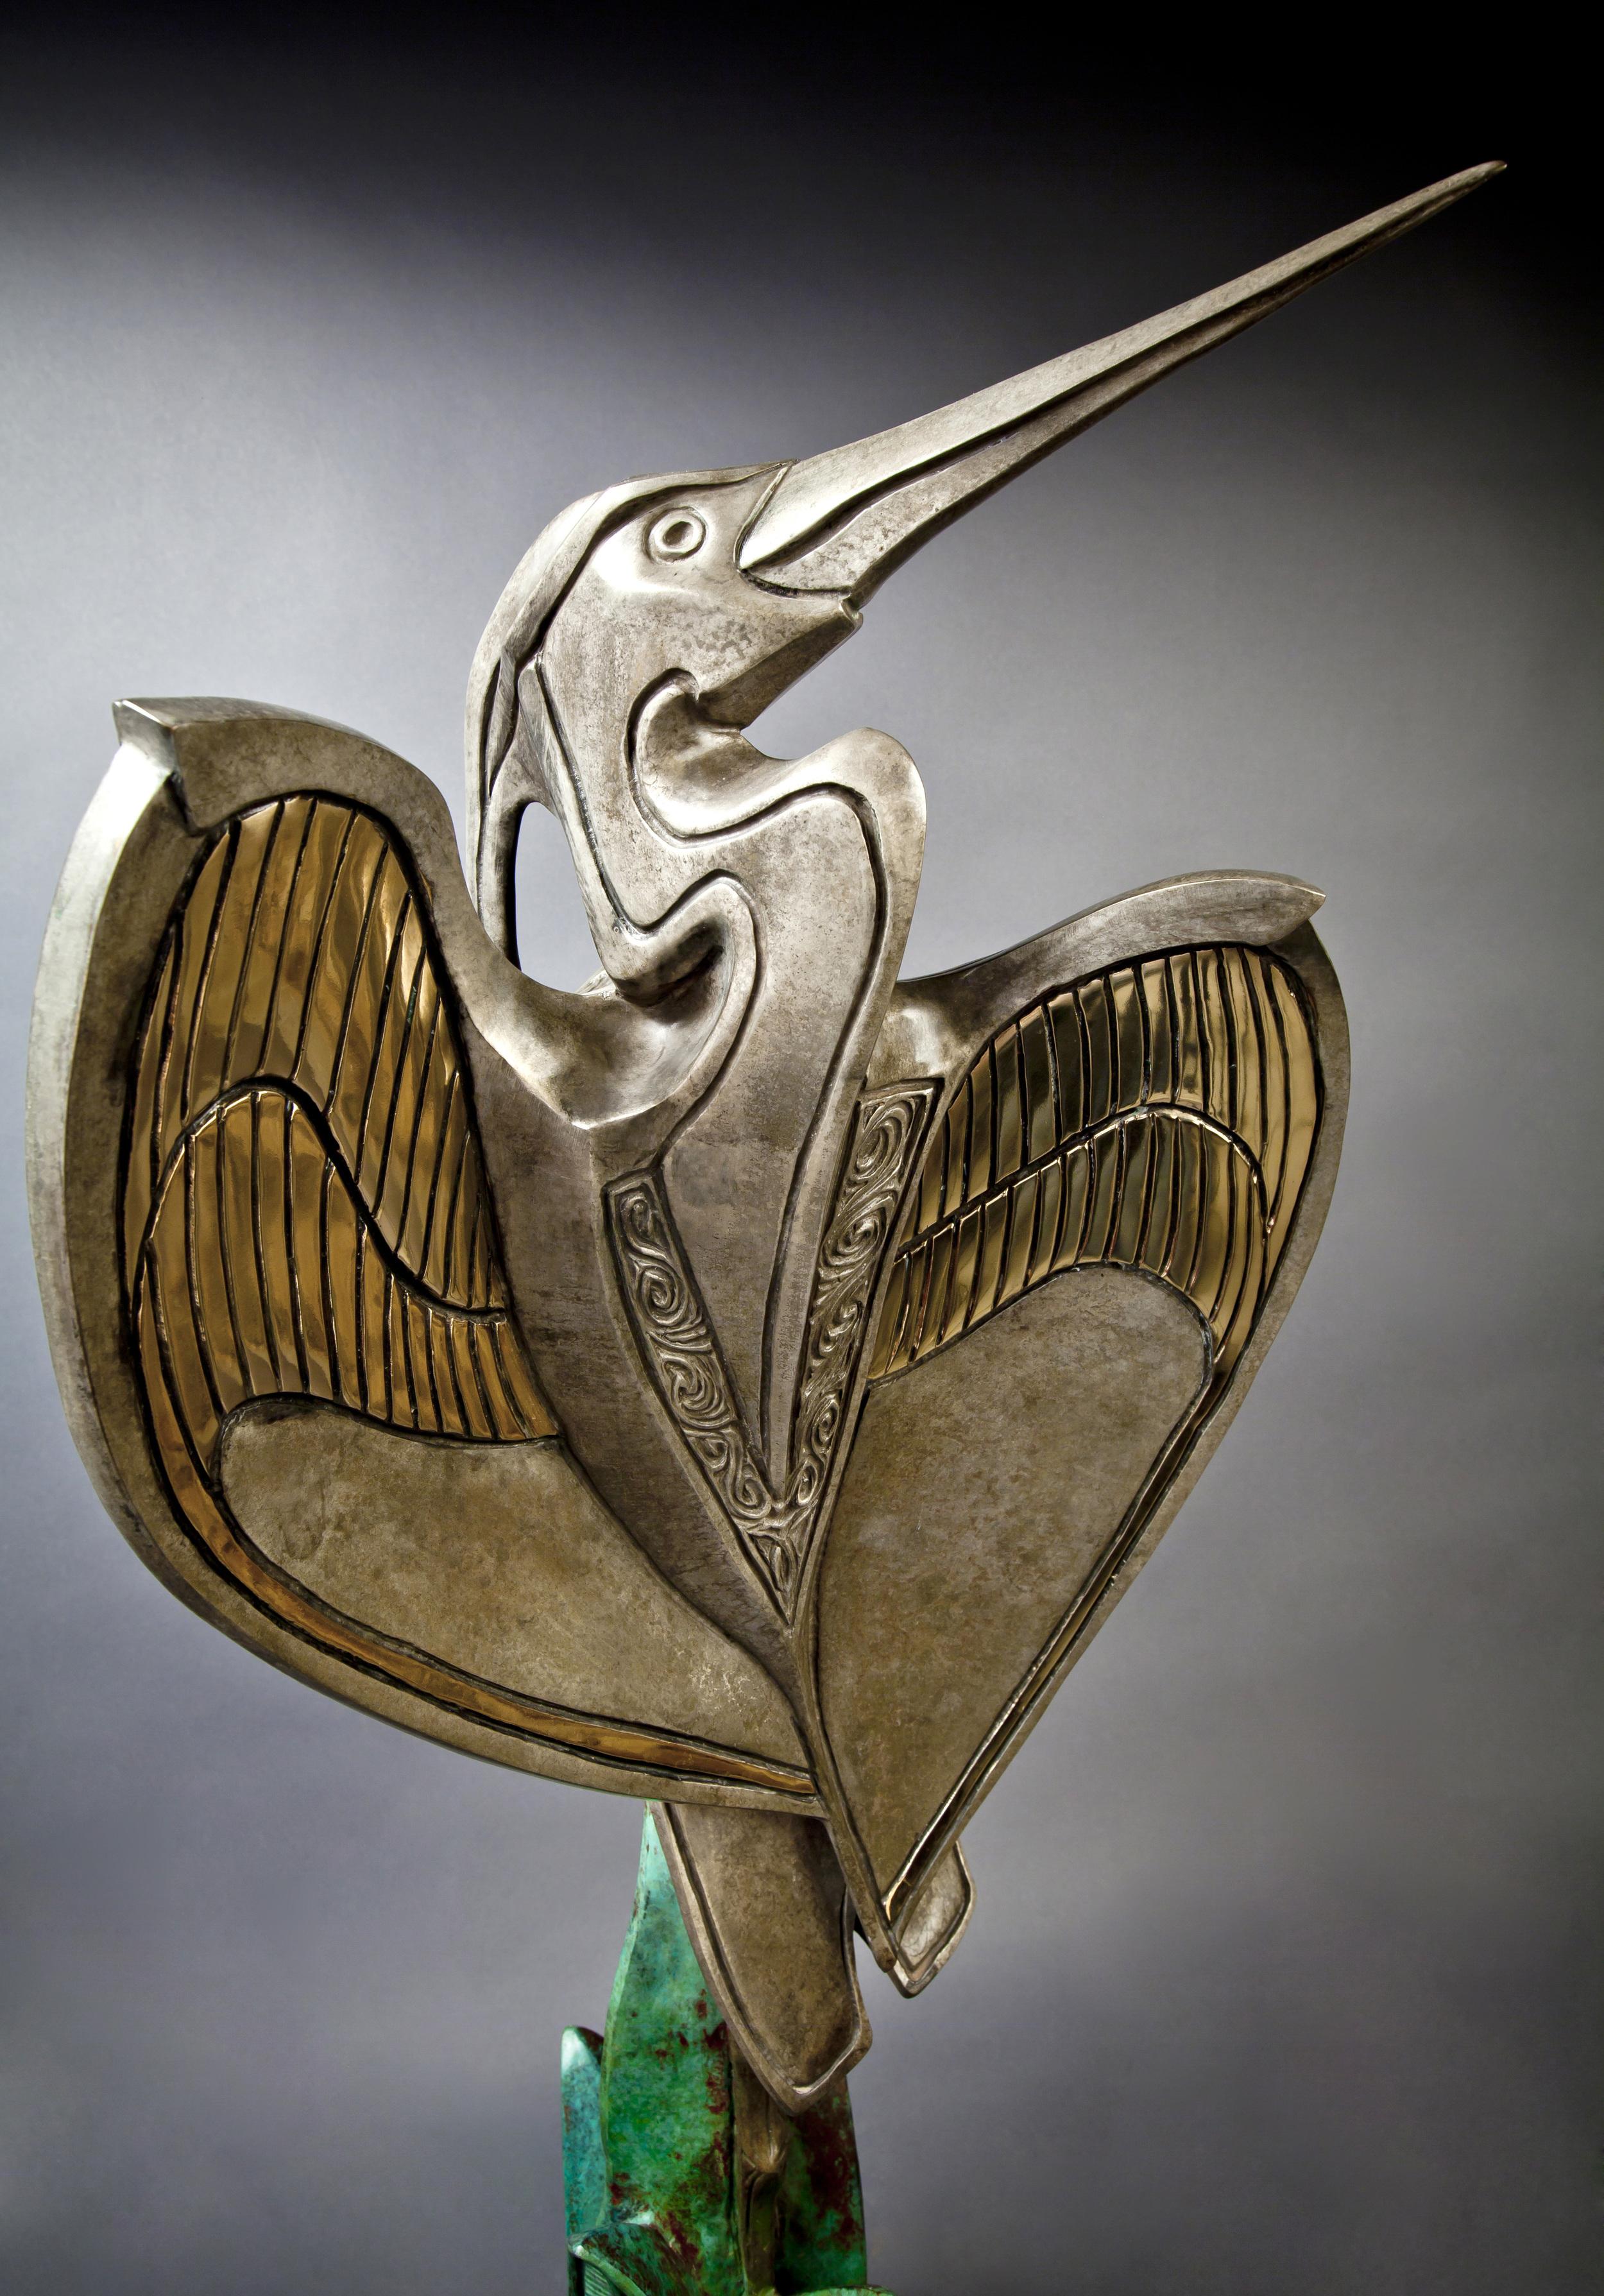 Bronze-Heron-by-John-Maisano-10.jpg